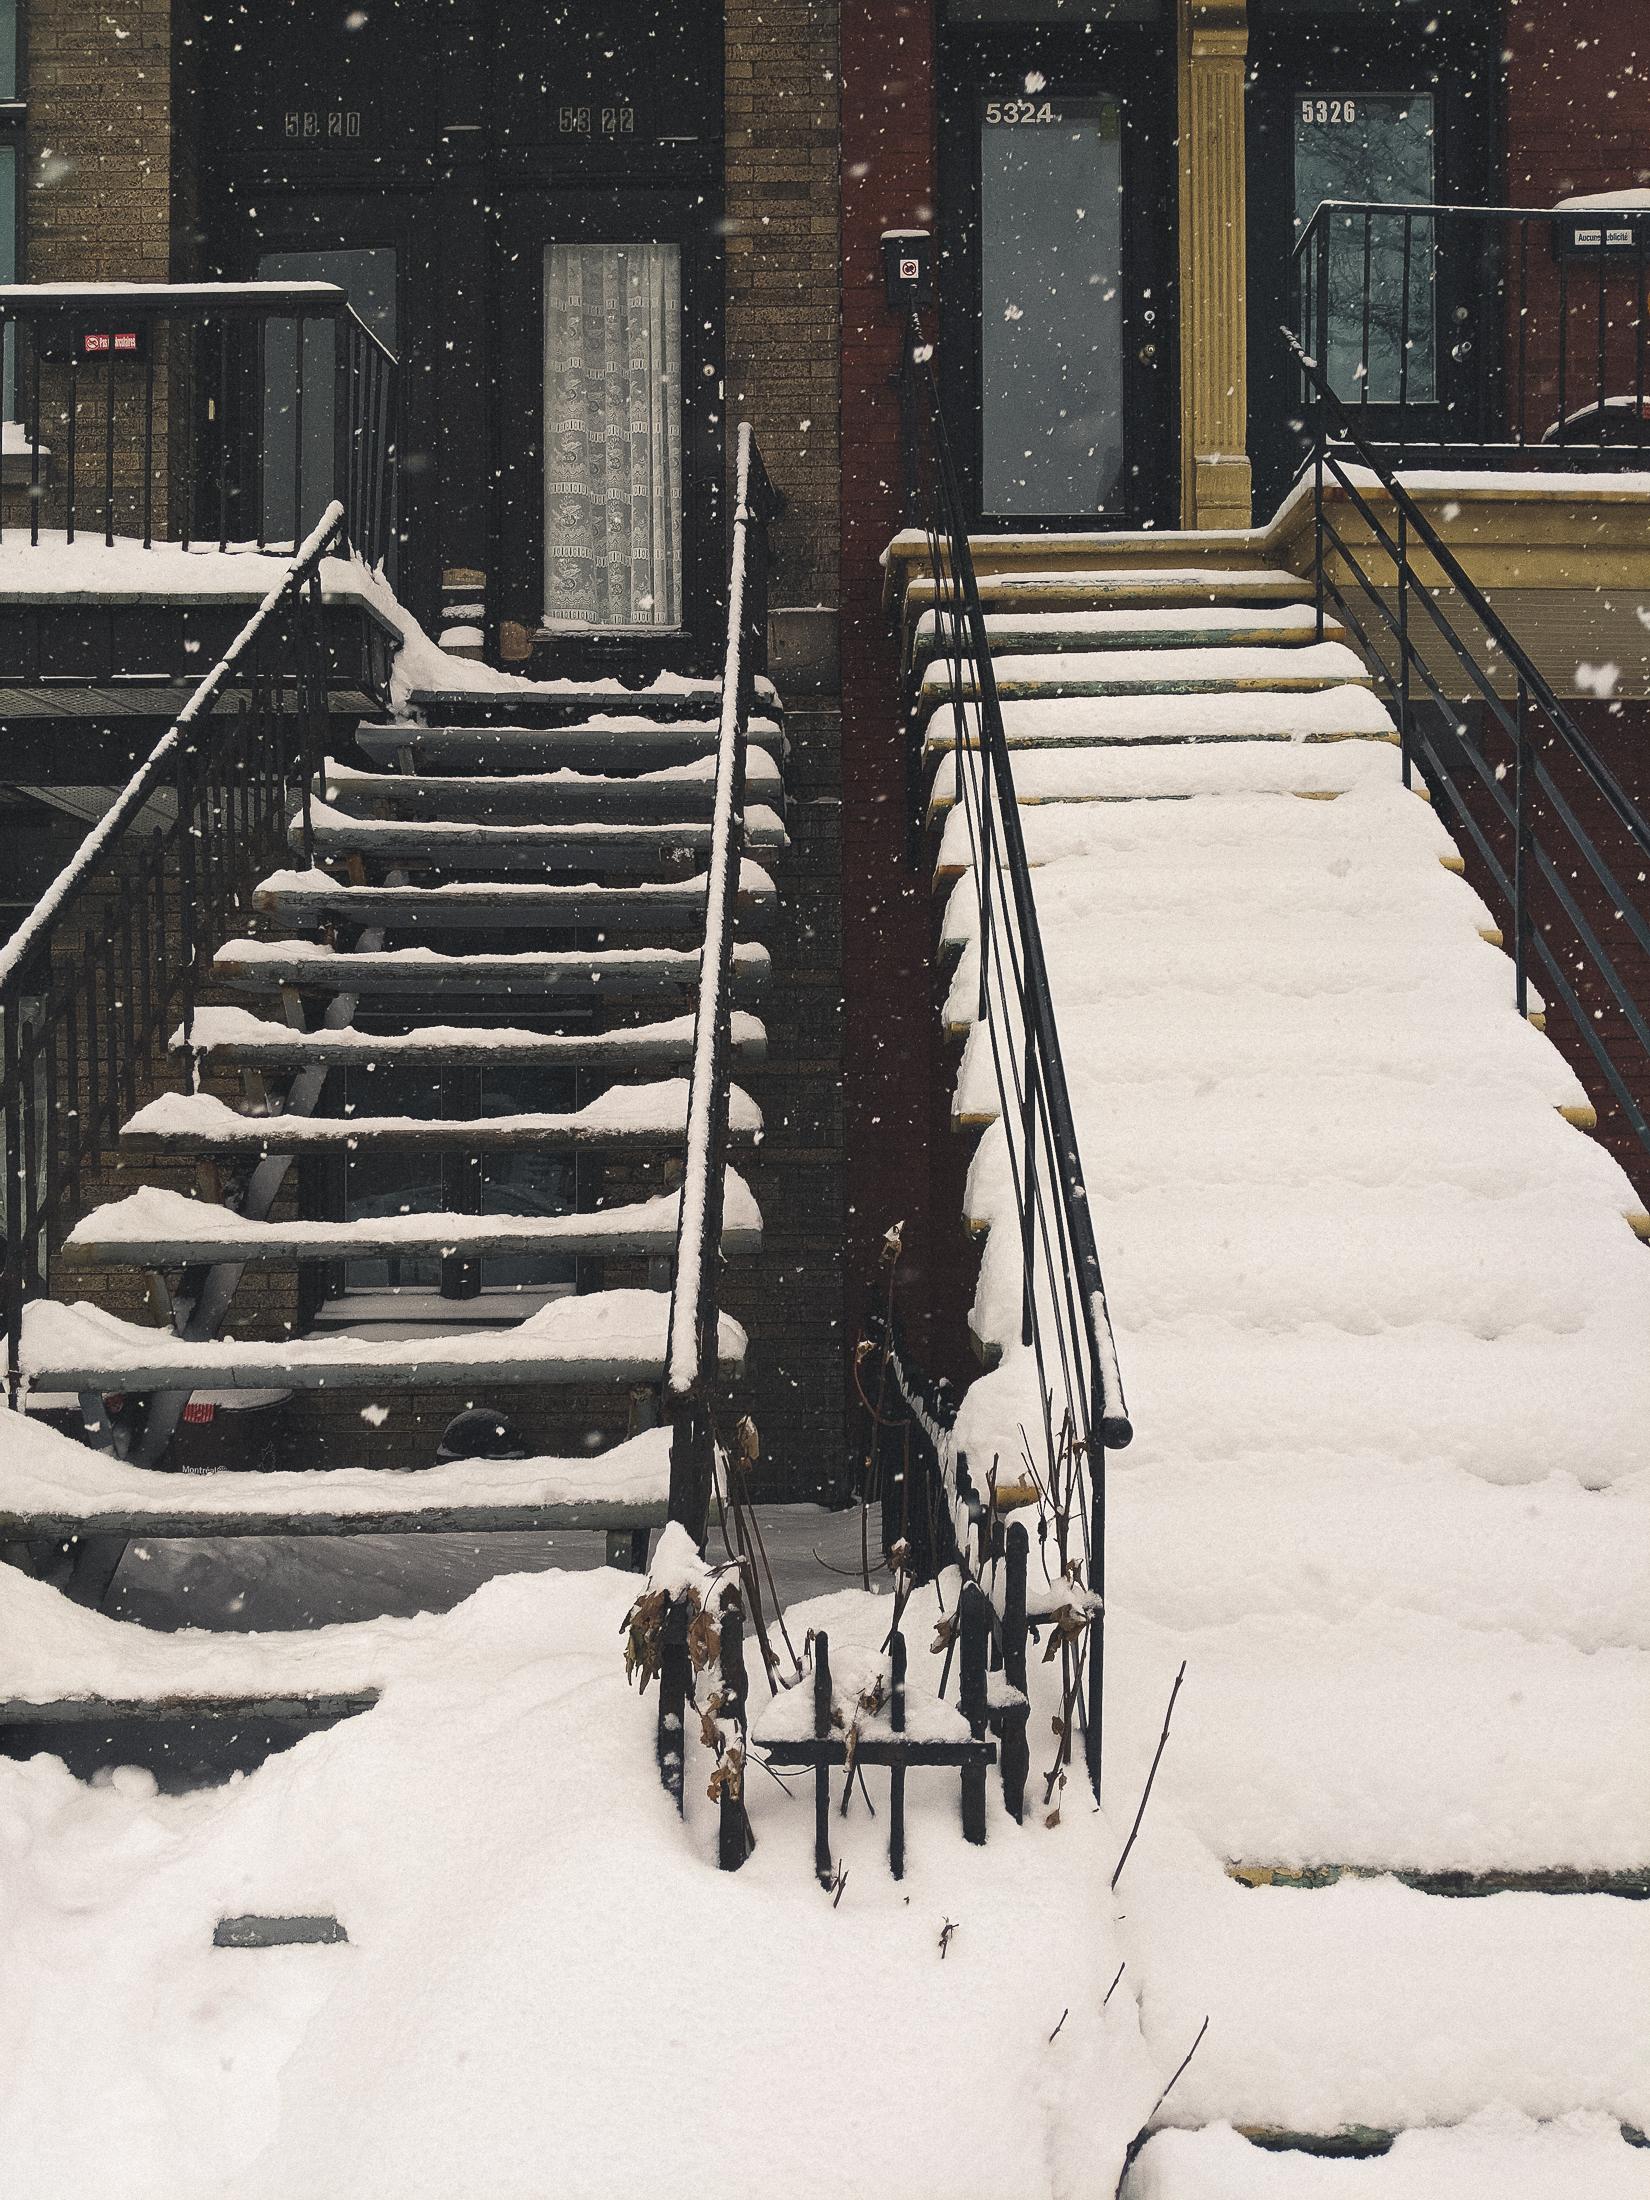 escaliers enneigés